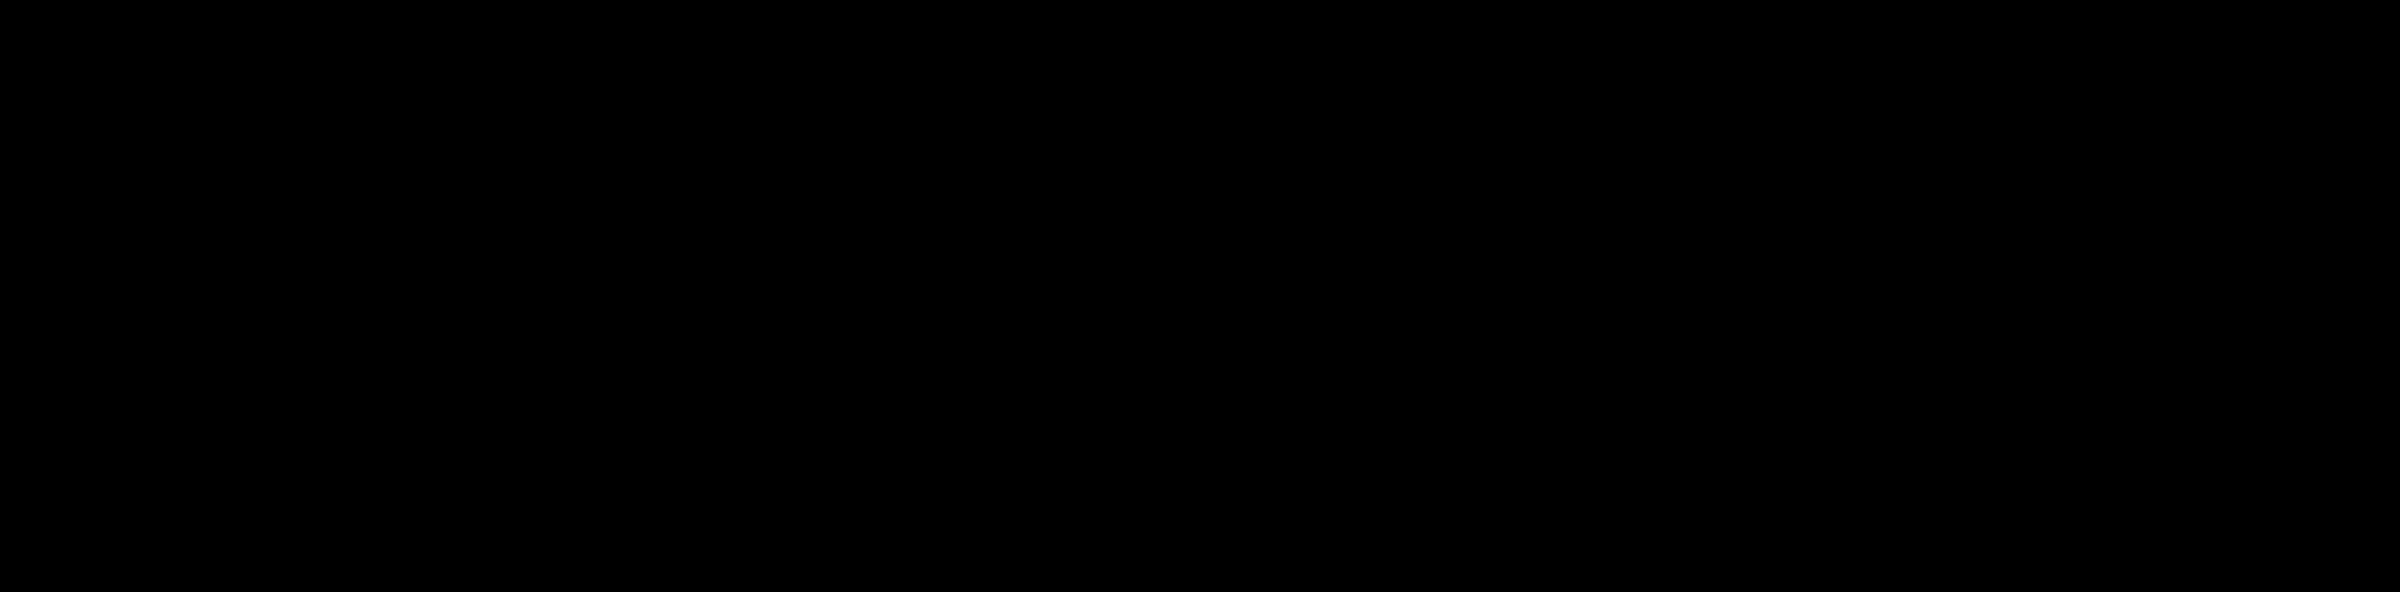 Steampunk Divider-Steampunk Divider-10